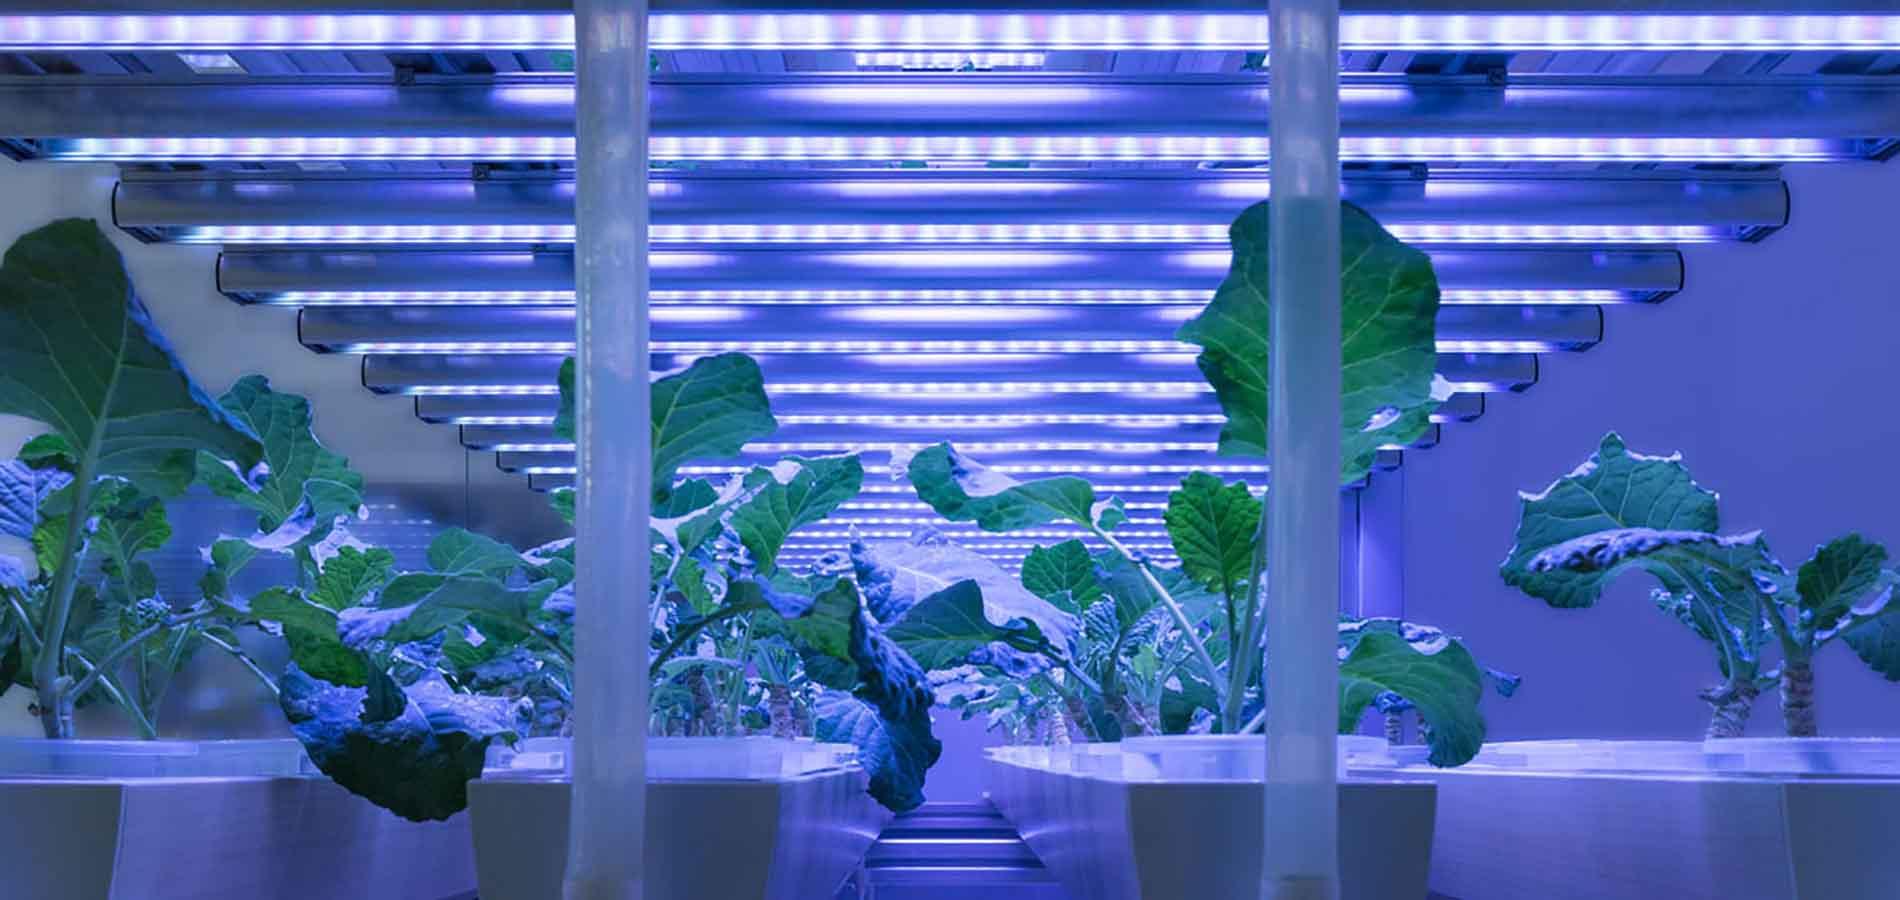 Métricas de iluminación de horticultura